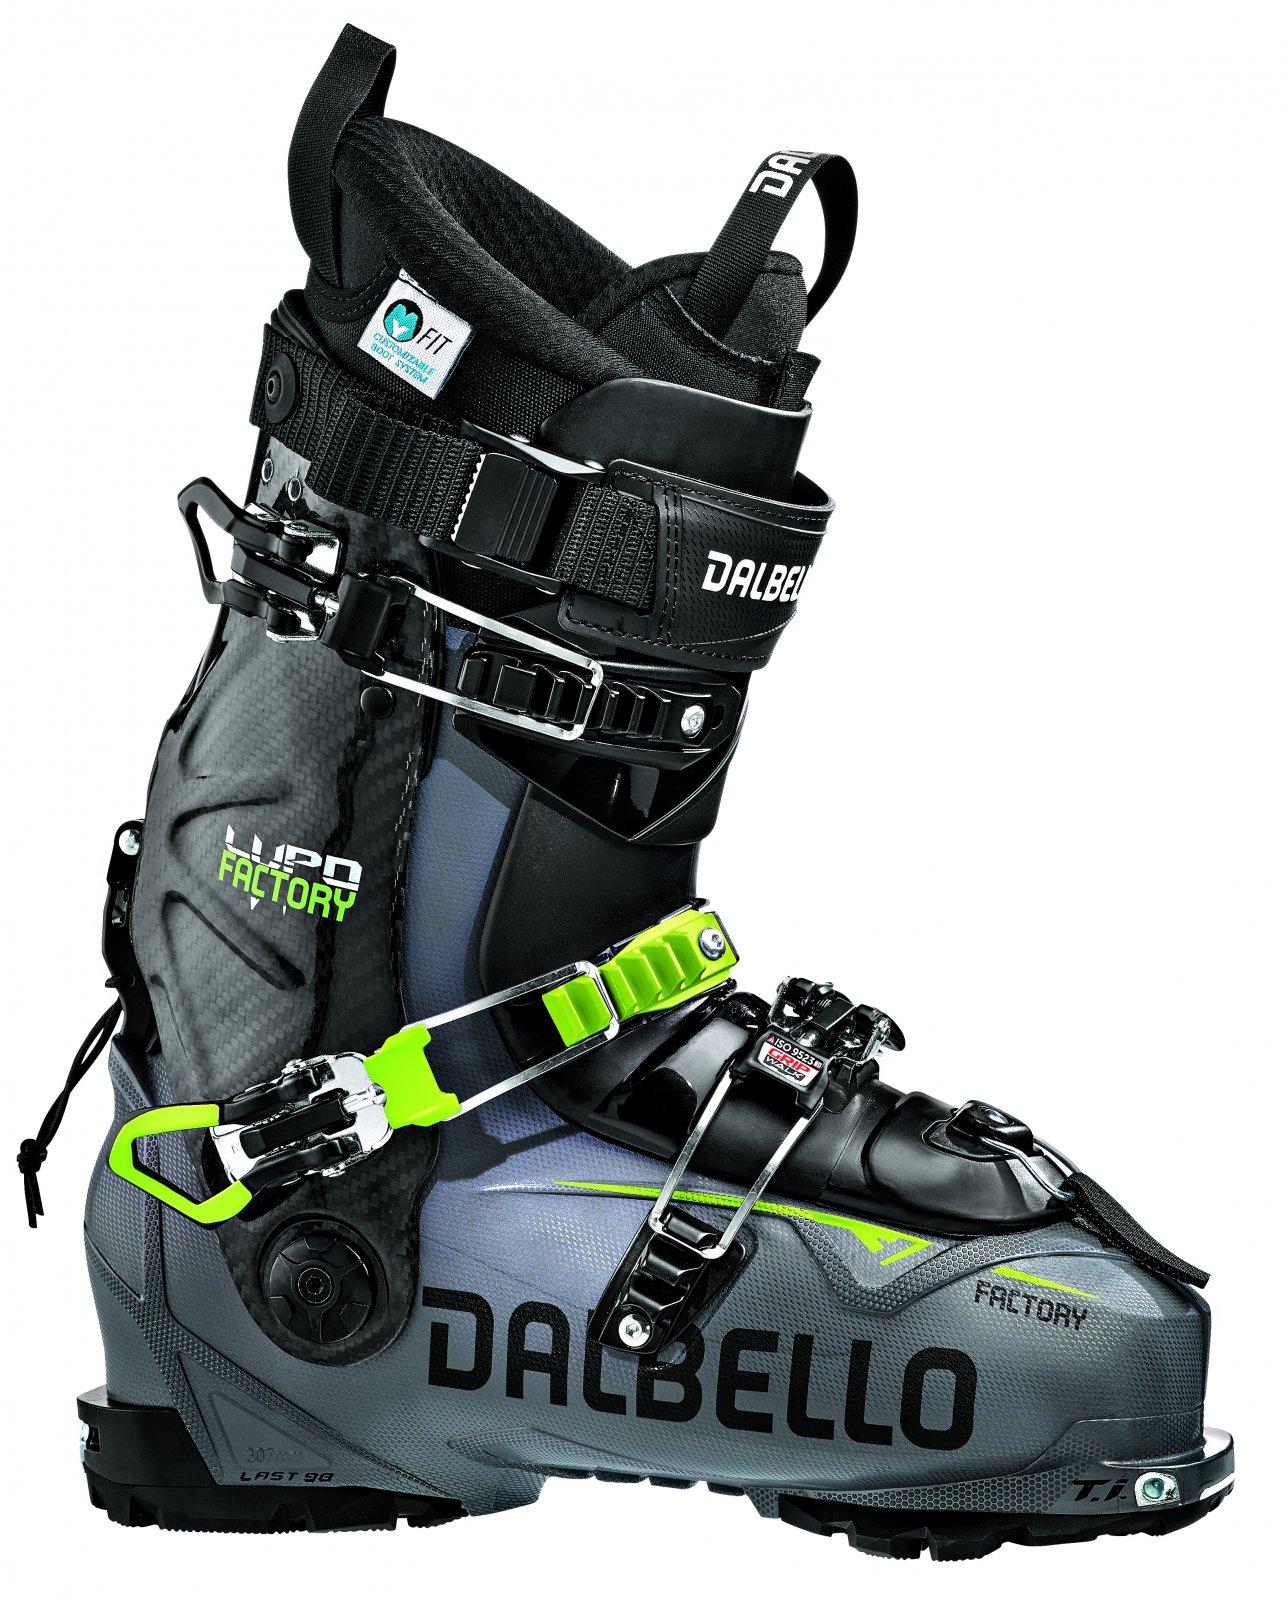 Dalbello Lupo Factory Ski Boots 2020 - size 26.5